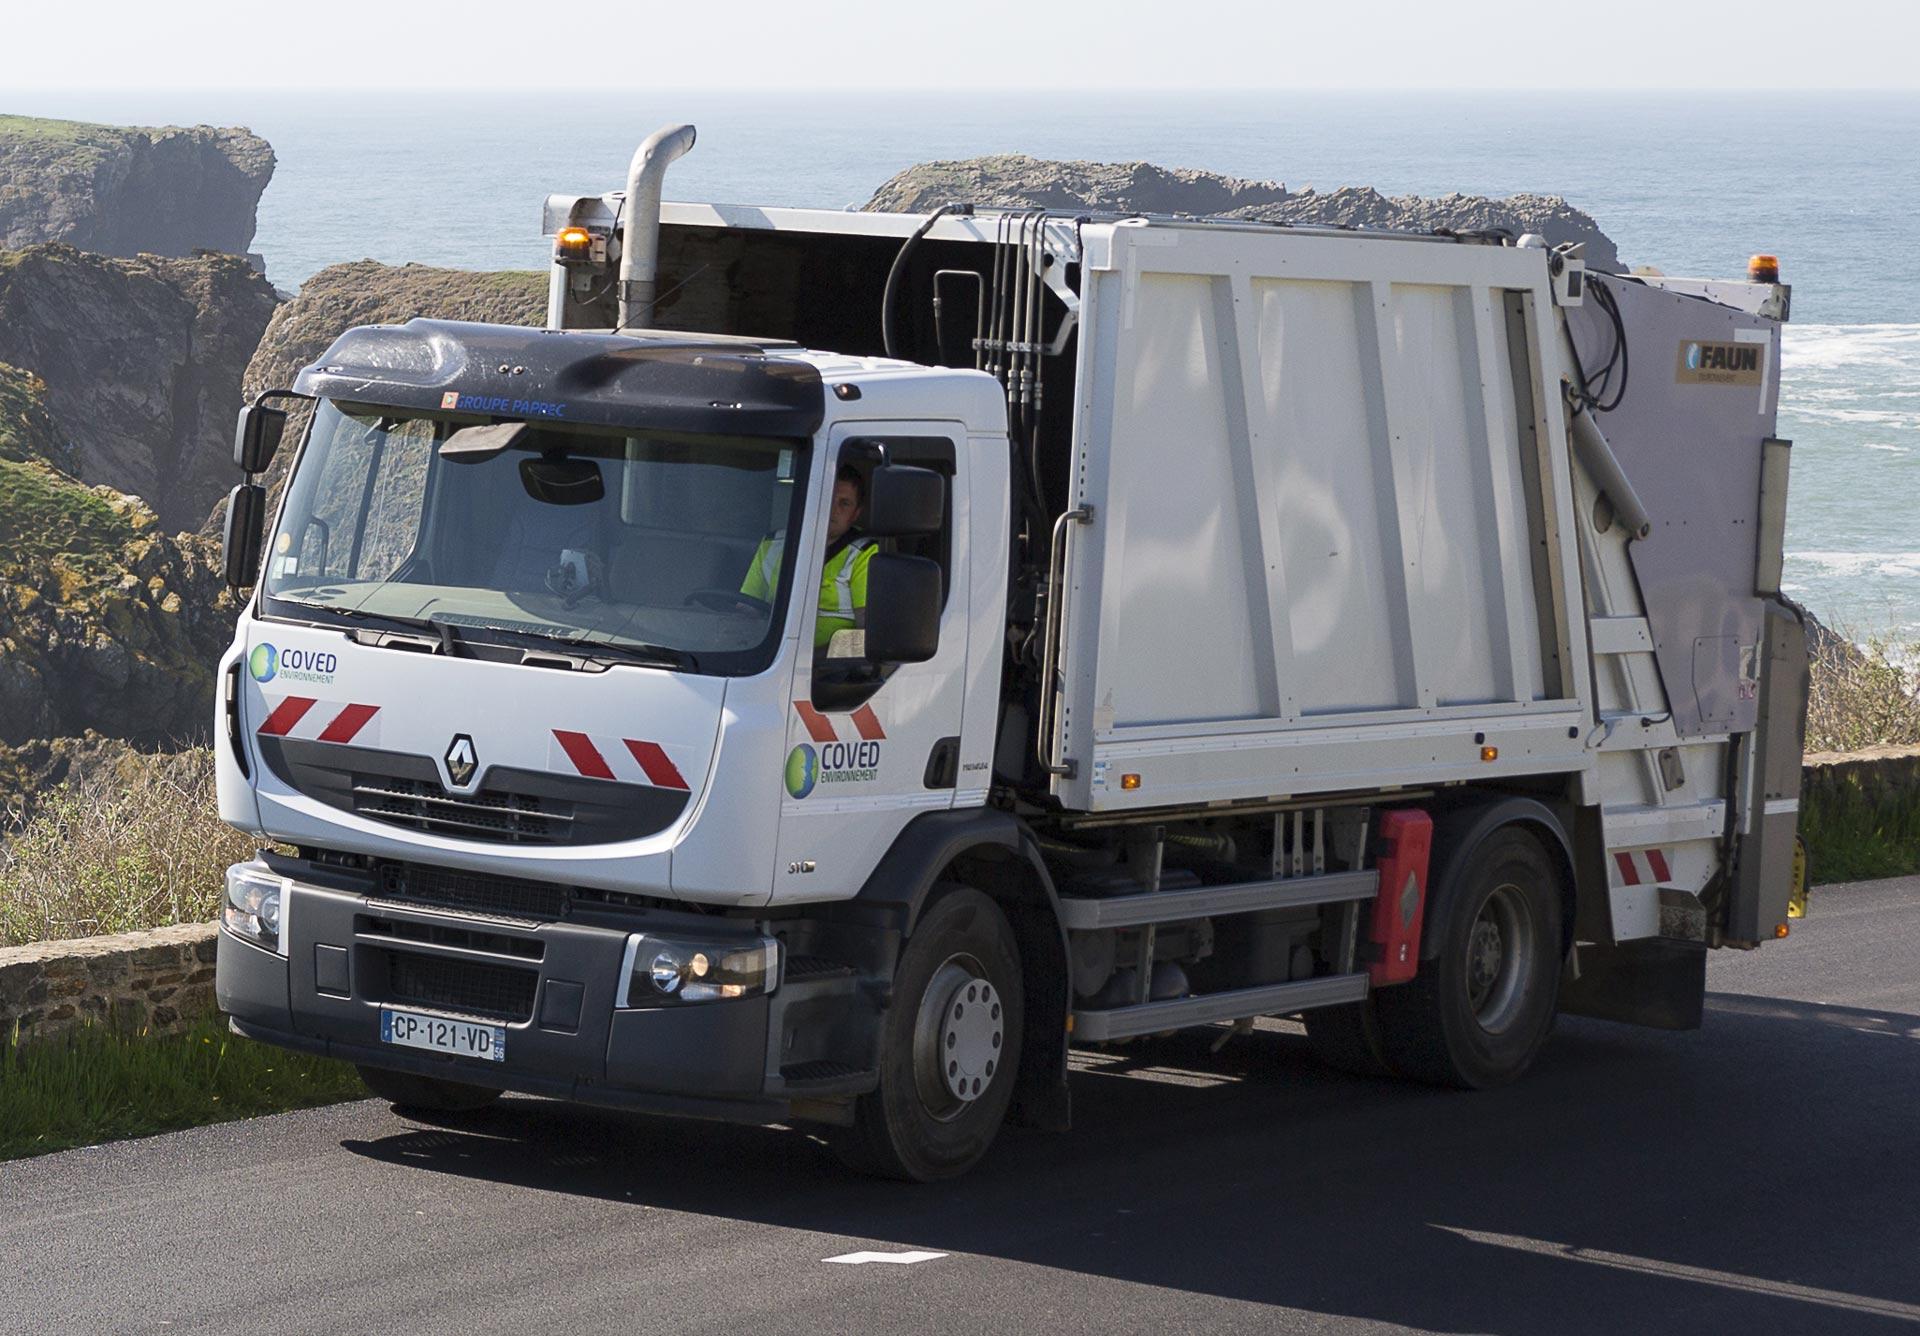 Benne à ordures ménagères Coved Environnement